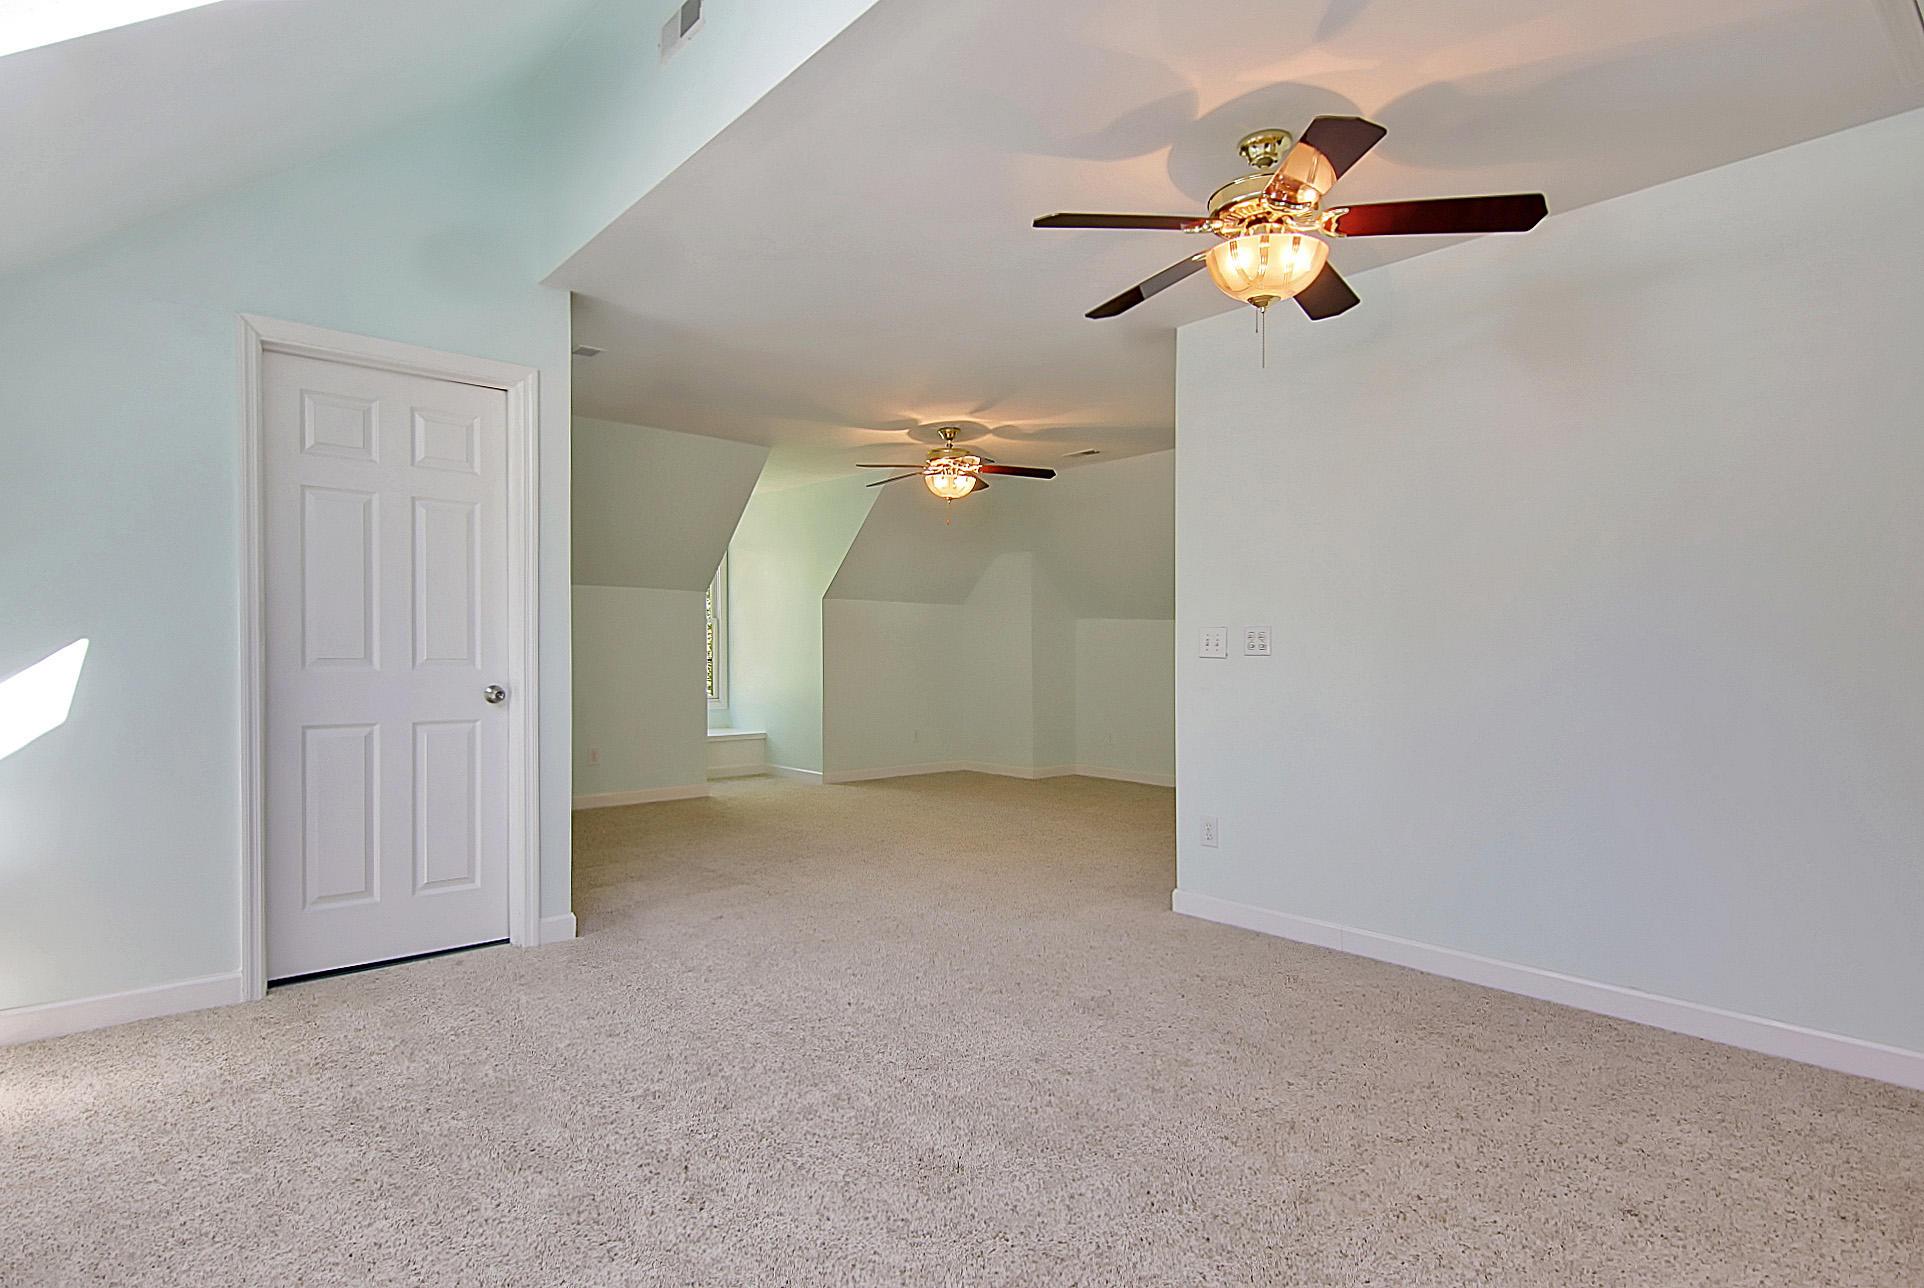 Dunes West Homes For Sale - 2236 Black Oak, Mount Pleasant, SC - 22